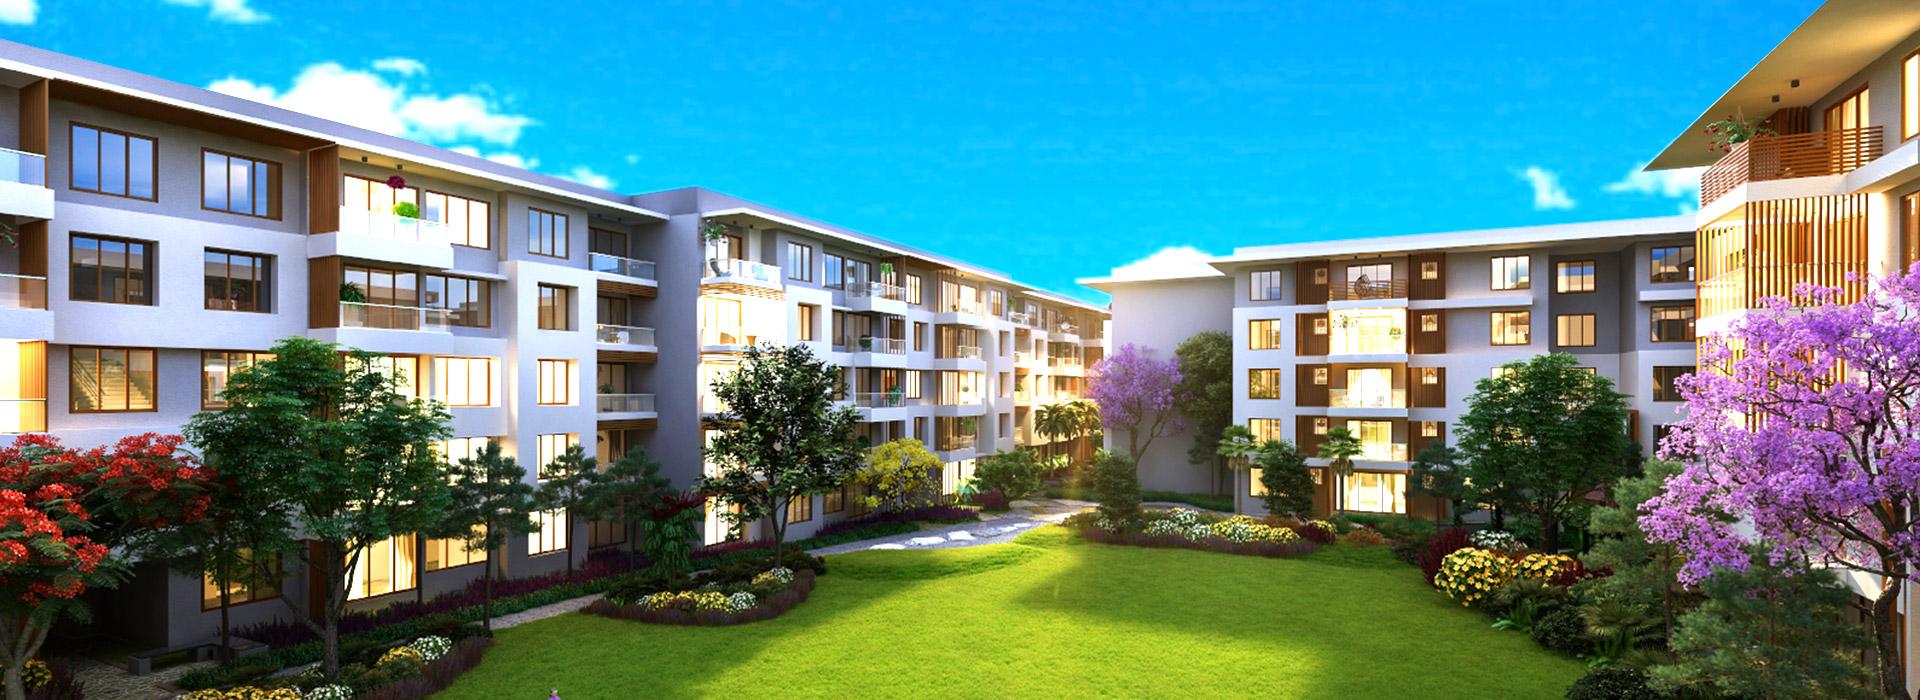 3 BHK Premium Apartments